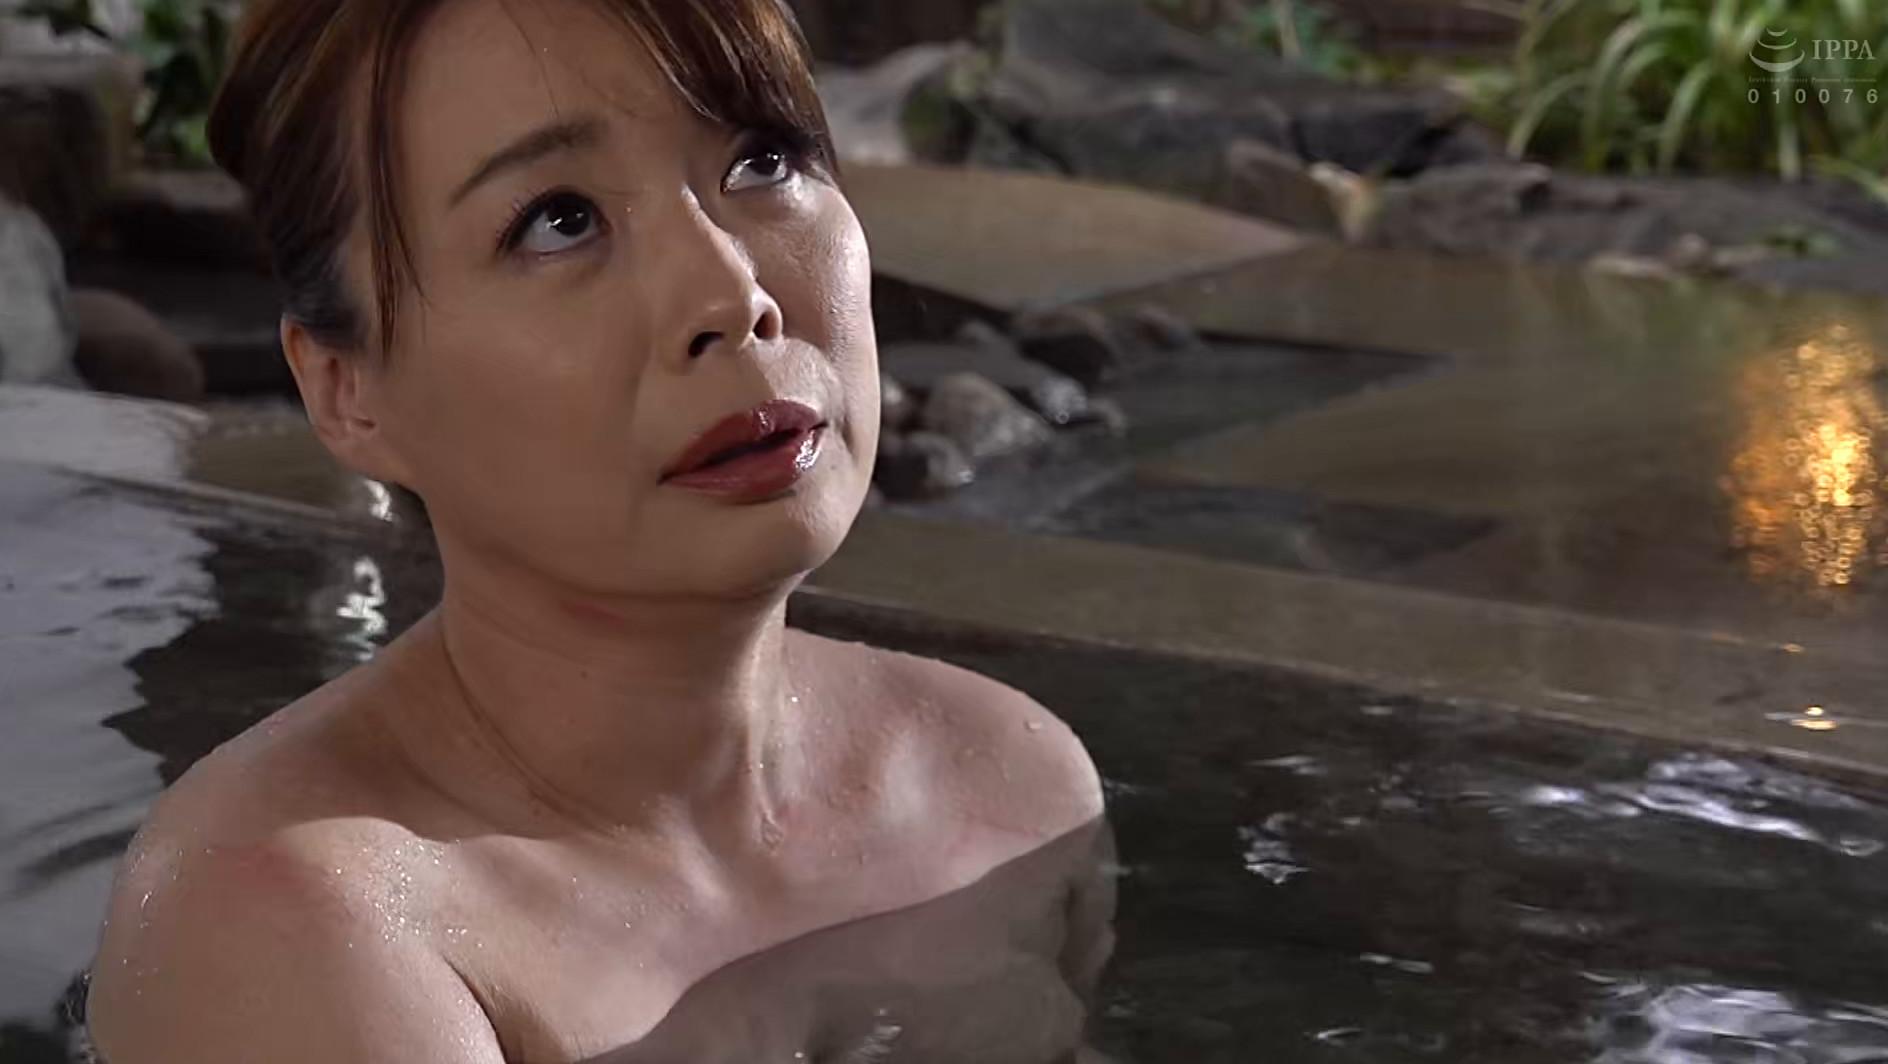 たびじ 母と子のふたり旅 佐倉由美子,のサンプル画像4